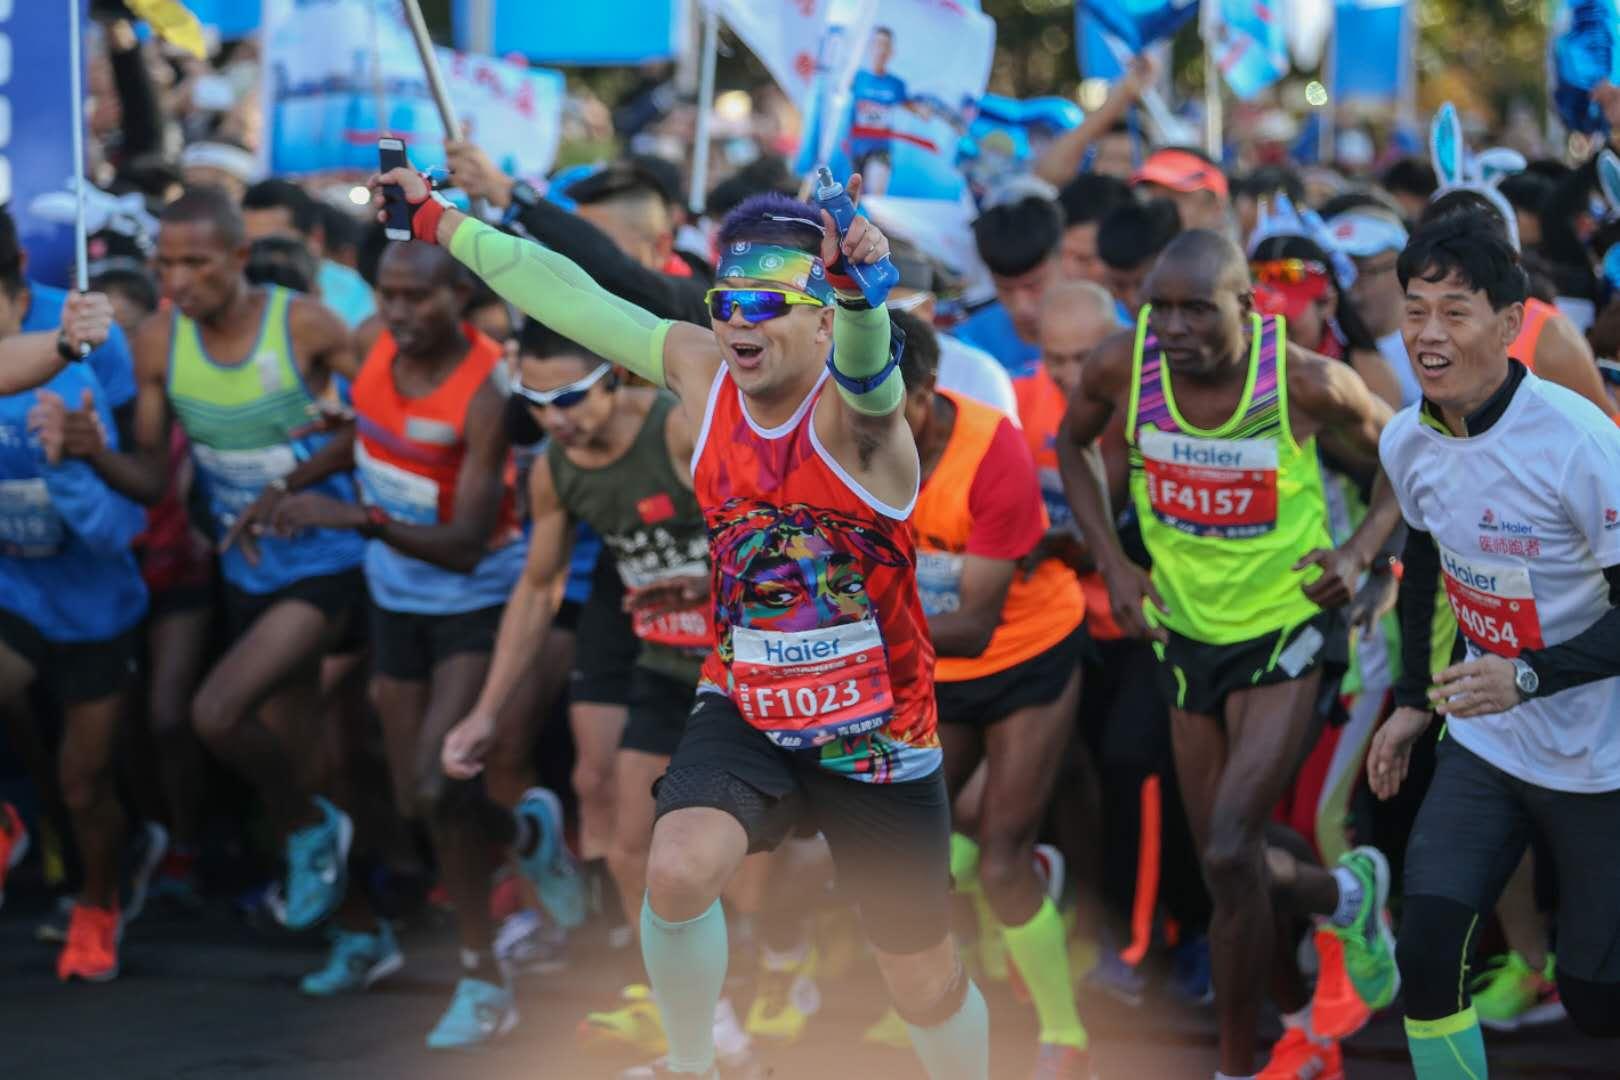 自2005国际马拉松大赛首次登陆青岛,时隔12年,从西海岸夜间国际马拉松到莱西姜山湿地国际马拉松,从青岛国际马拉松到海上国际马拉松,加上12月24日即将举办的即墨马拉松今年,共计8场马拉松席卷岛城。值得一提的是,11月5日举行的2017青岛国际马拉松还被列入奔跑中国改革开放序列。该系列赛是国内顶级马拉松赛事,通过全面展现繁荣中国、美丽中国、活力中国的新气象,彰显中华民族积极乐观、坚忍不拔的正能量,树立群众体育发展新标杆。   为此,记者专访青岛市体育局局长纪高尚,听他谈青岛与马拉松的不解之